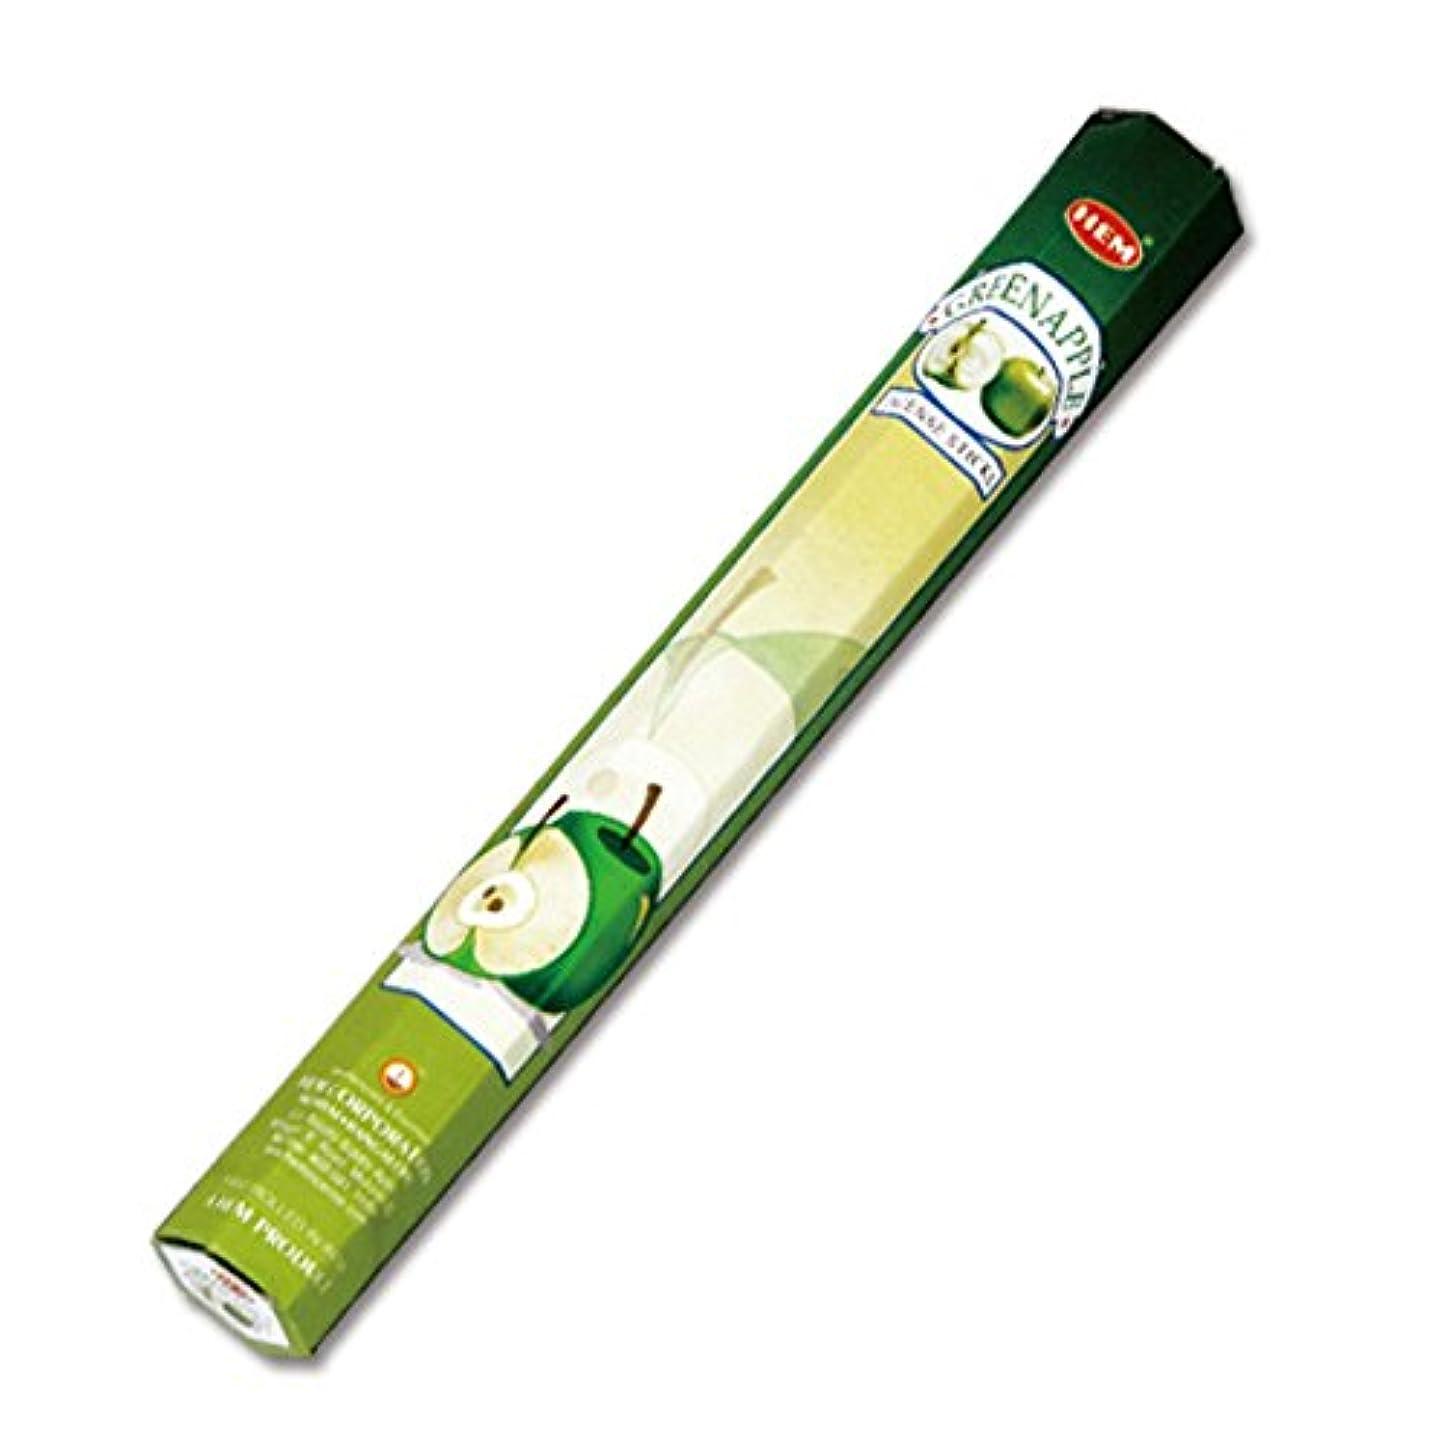 薬を飲む非アクティブ複製HEM(ヘム) グリーン?アップル GREEN-APPLE スティックタイプ お香 1筒 単品 [並行輸入品]